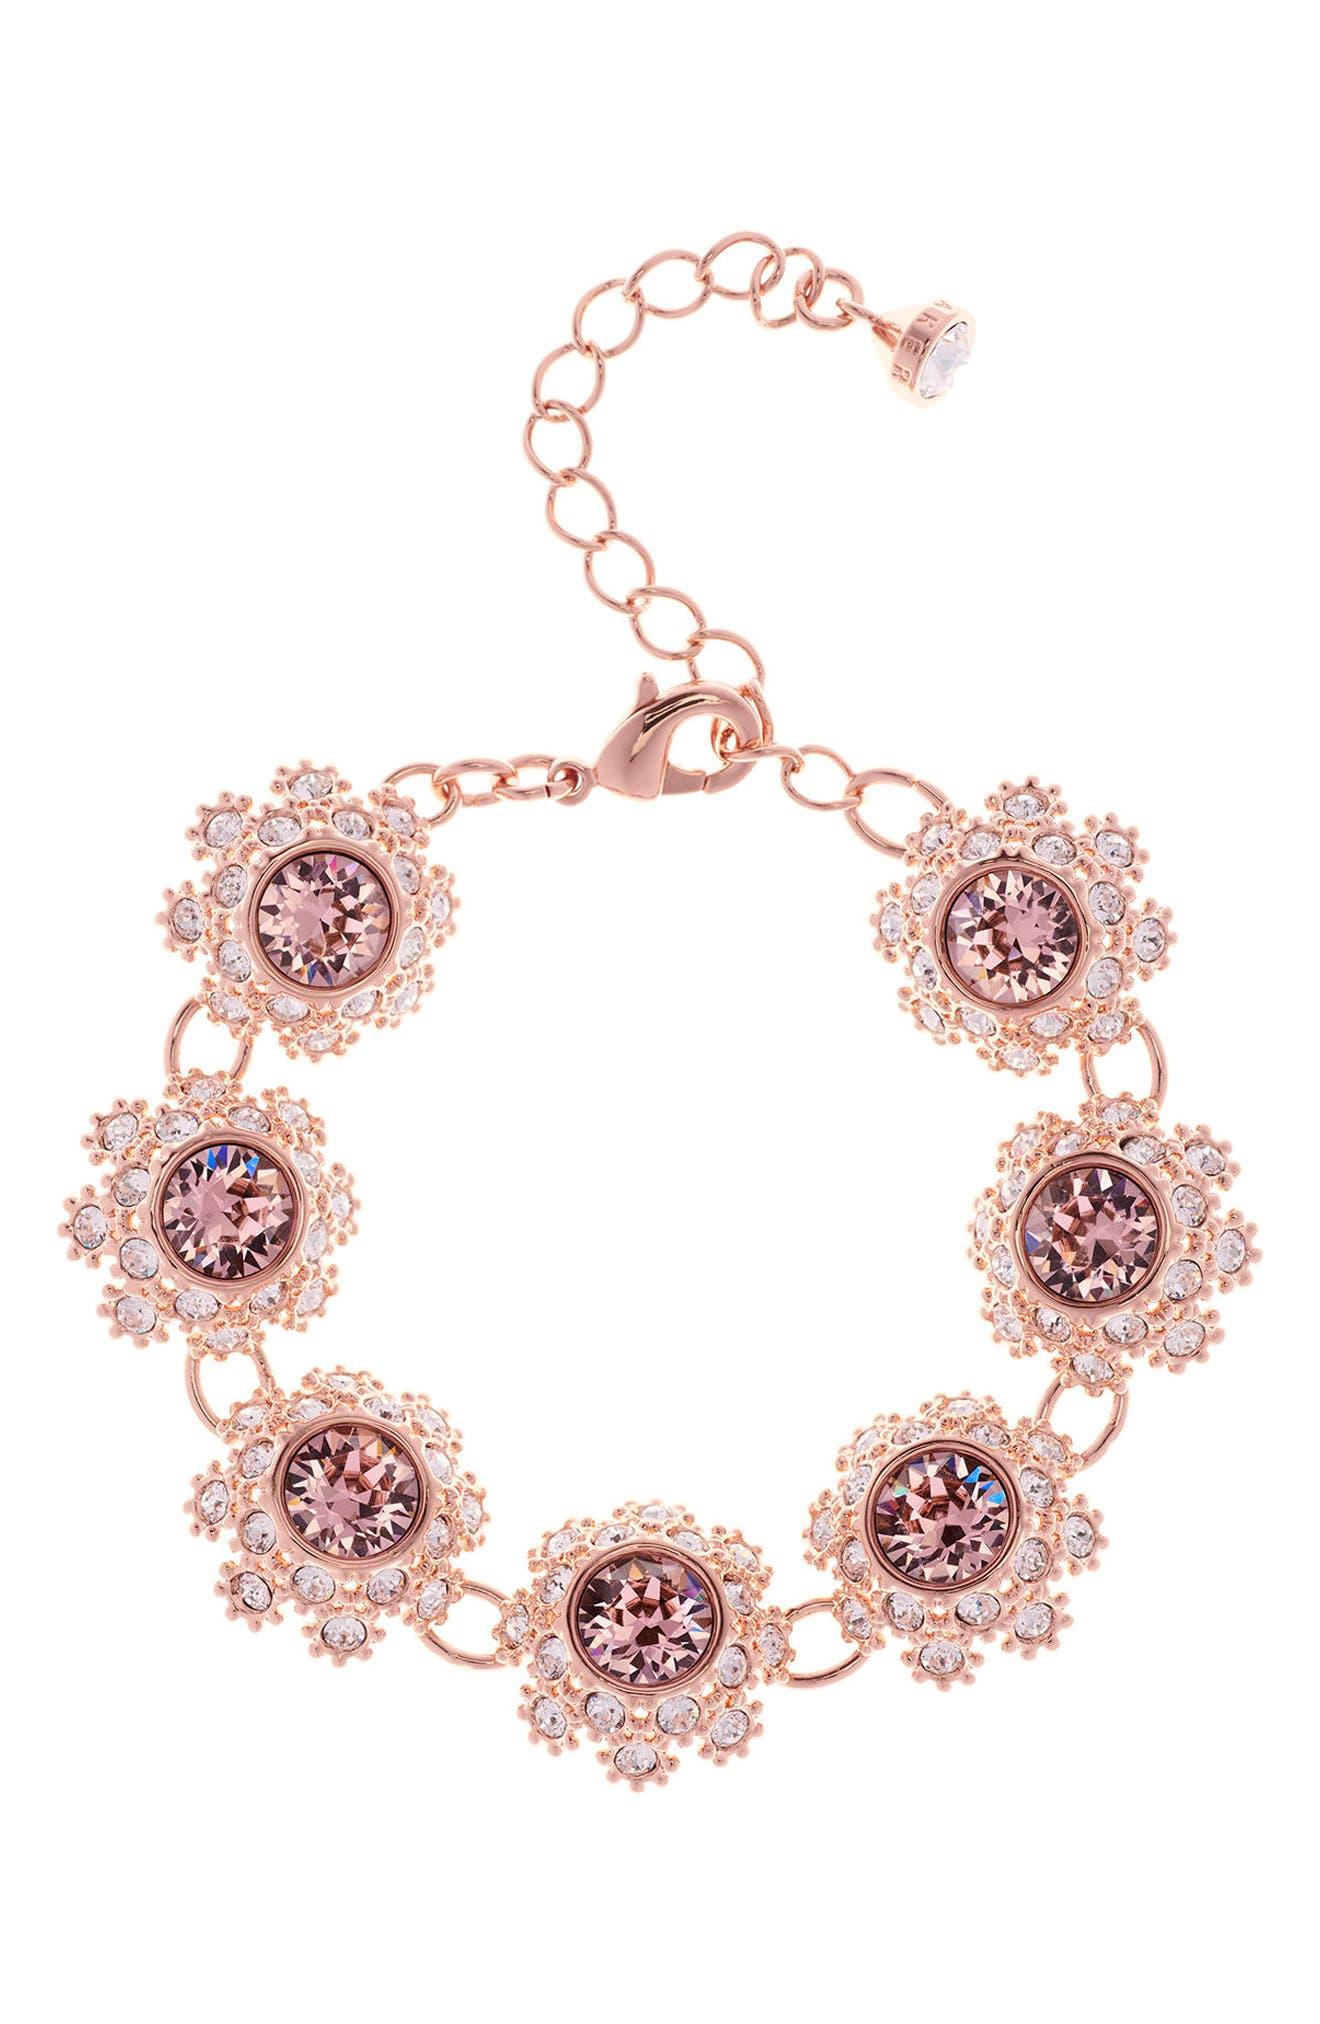 Ted Baker London Crystal Daisy Lace Station Bracelet